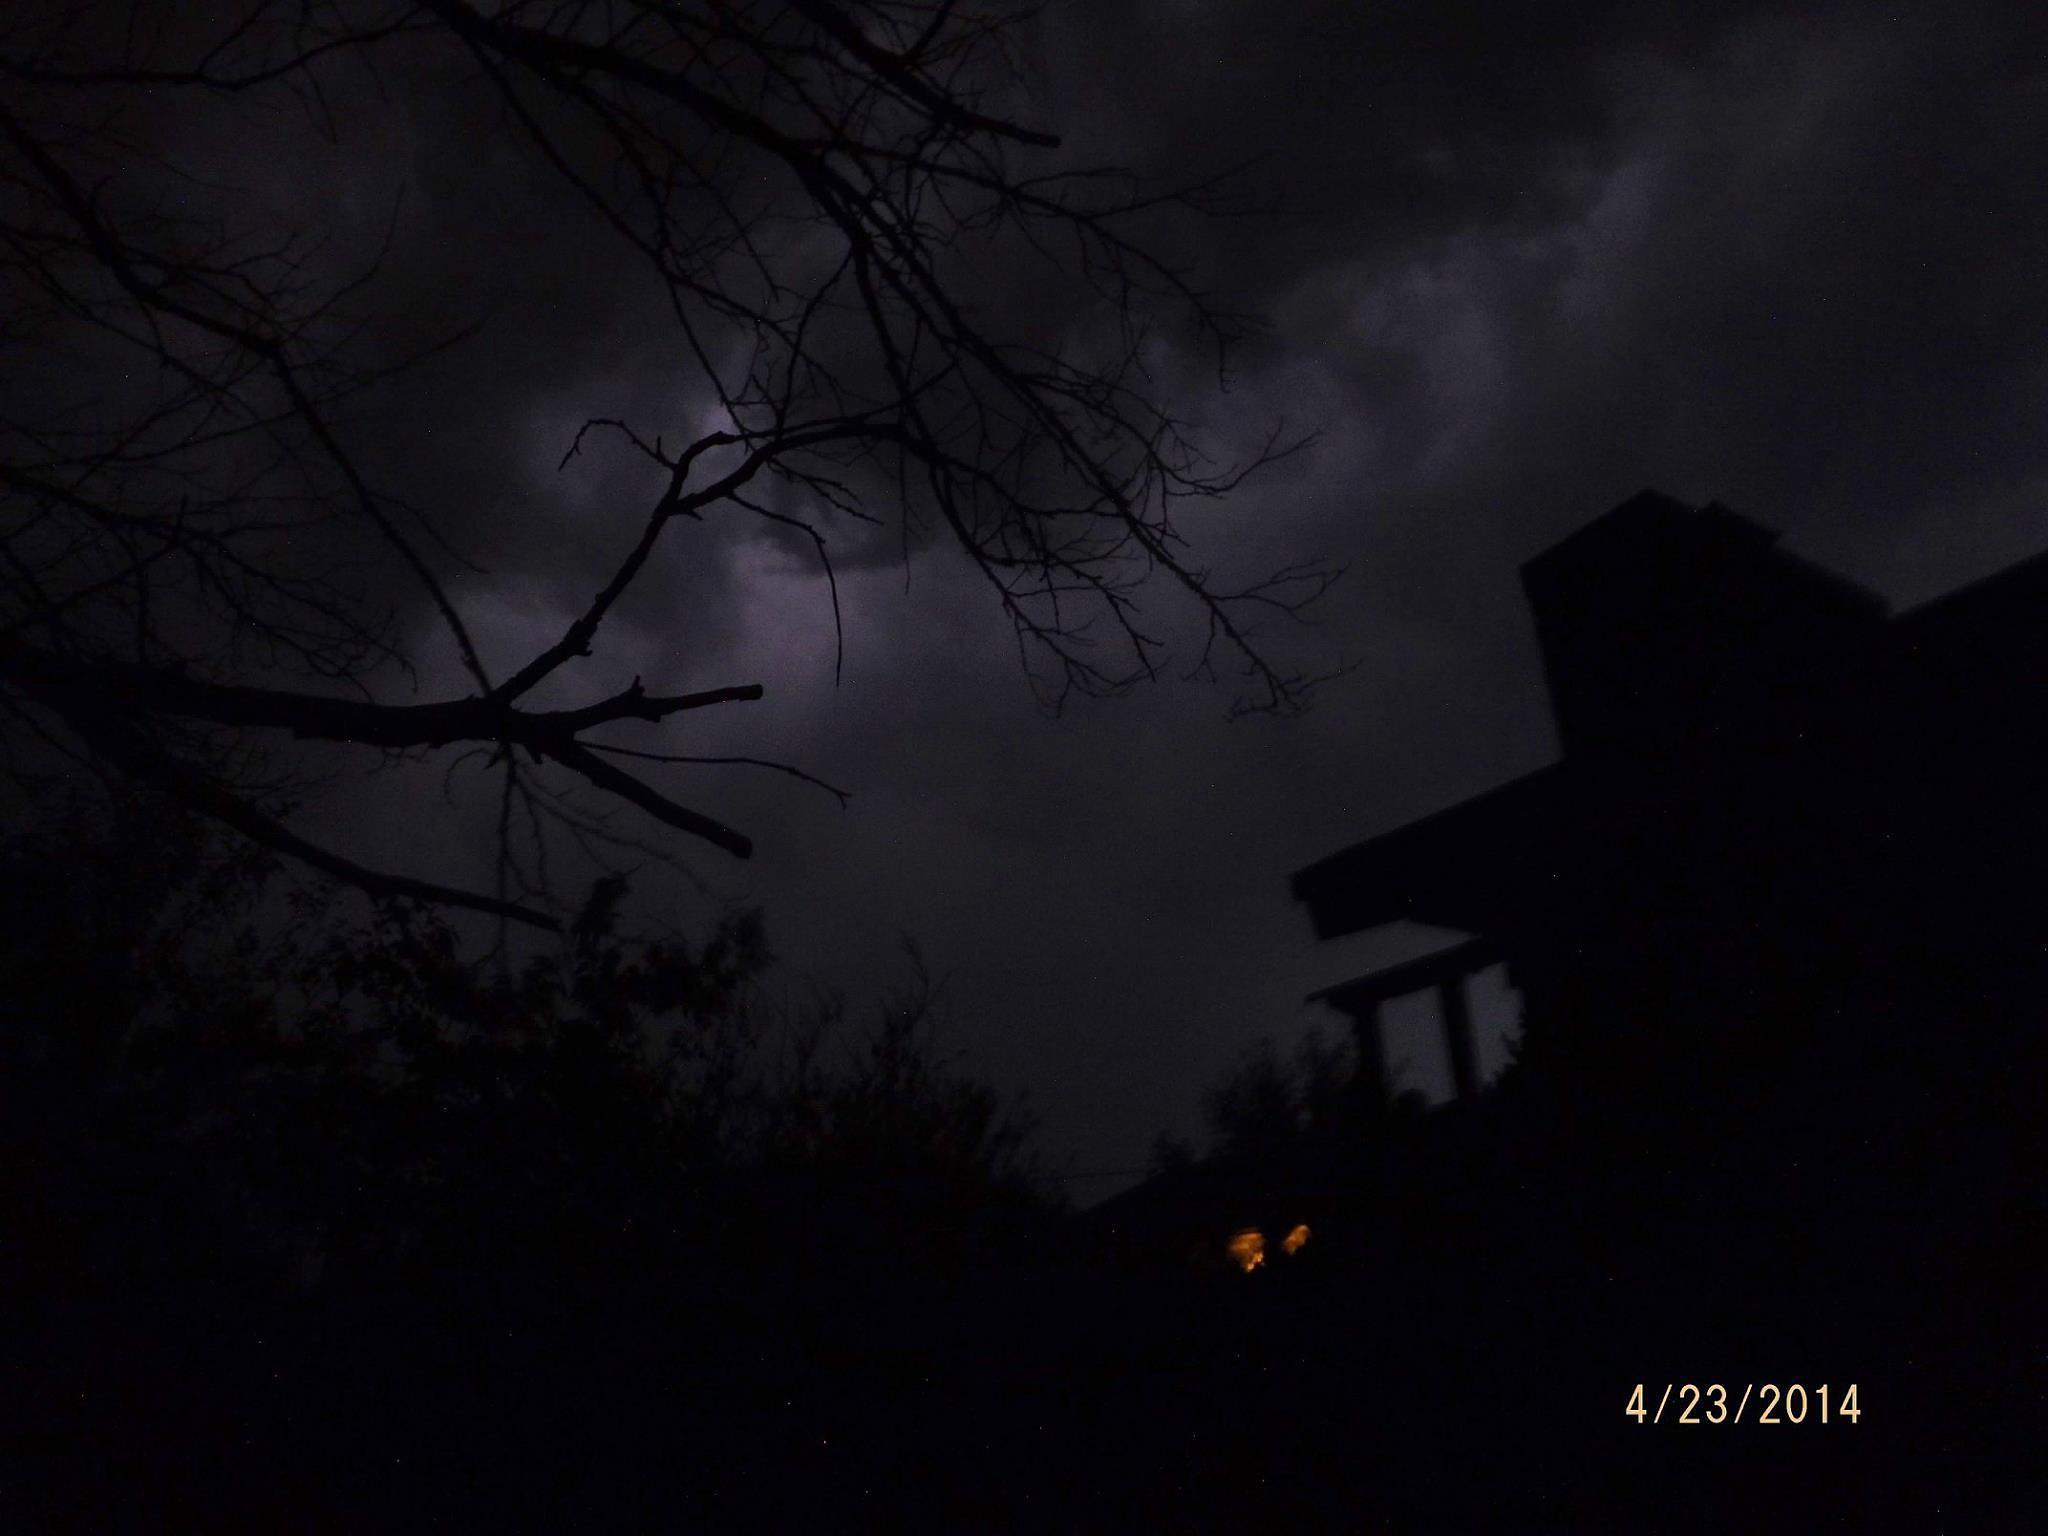 Spooky Night by Godloveslynn